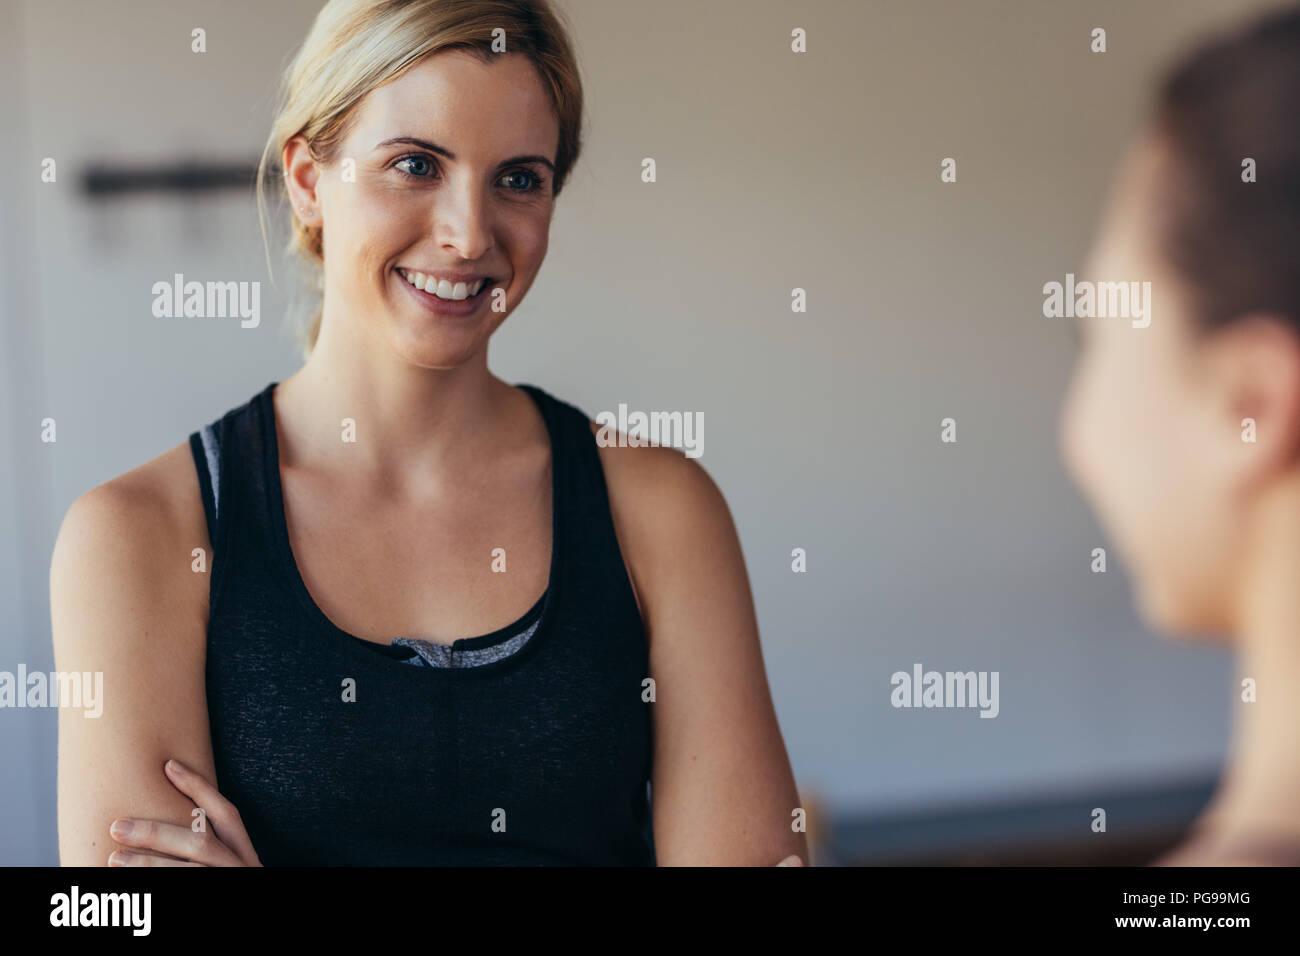 Donna sorridente nel fitness indossare a un pilates training gym. Donna che parla ad un amico in palestra. Foto Stock